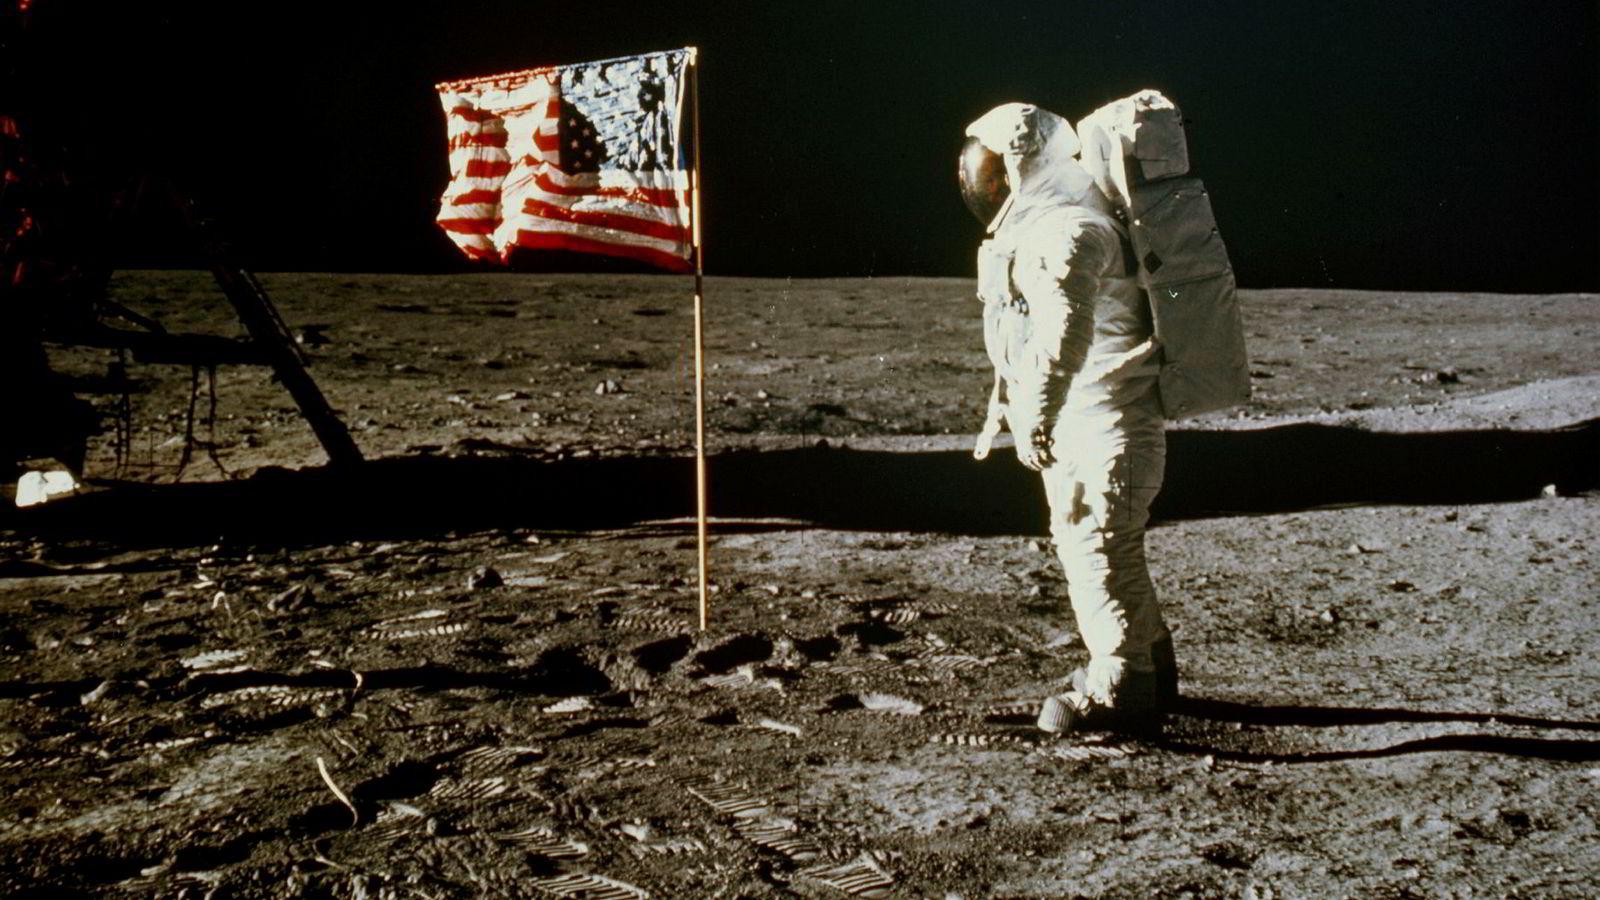 På tur igjen? «Buzz» Aldrin planter det amerikanske flagget på Månen, 20. juli 1969. Få amerikanere mener en ny utflukt er høyest prioriterte romfartsmål.